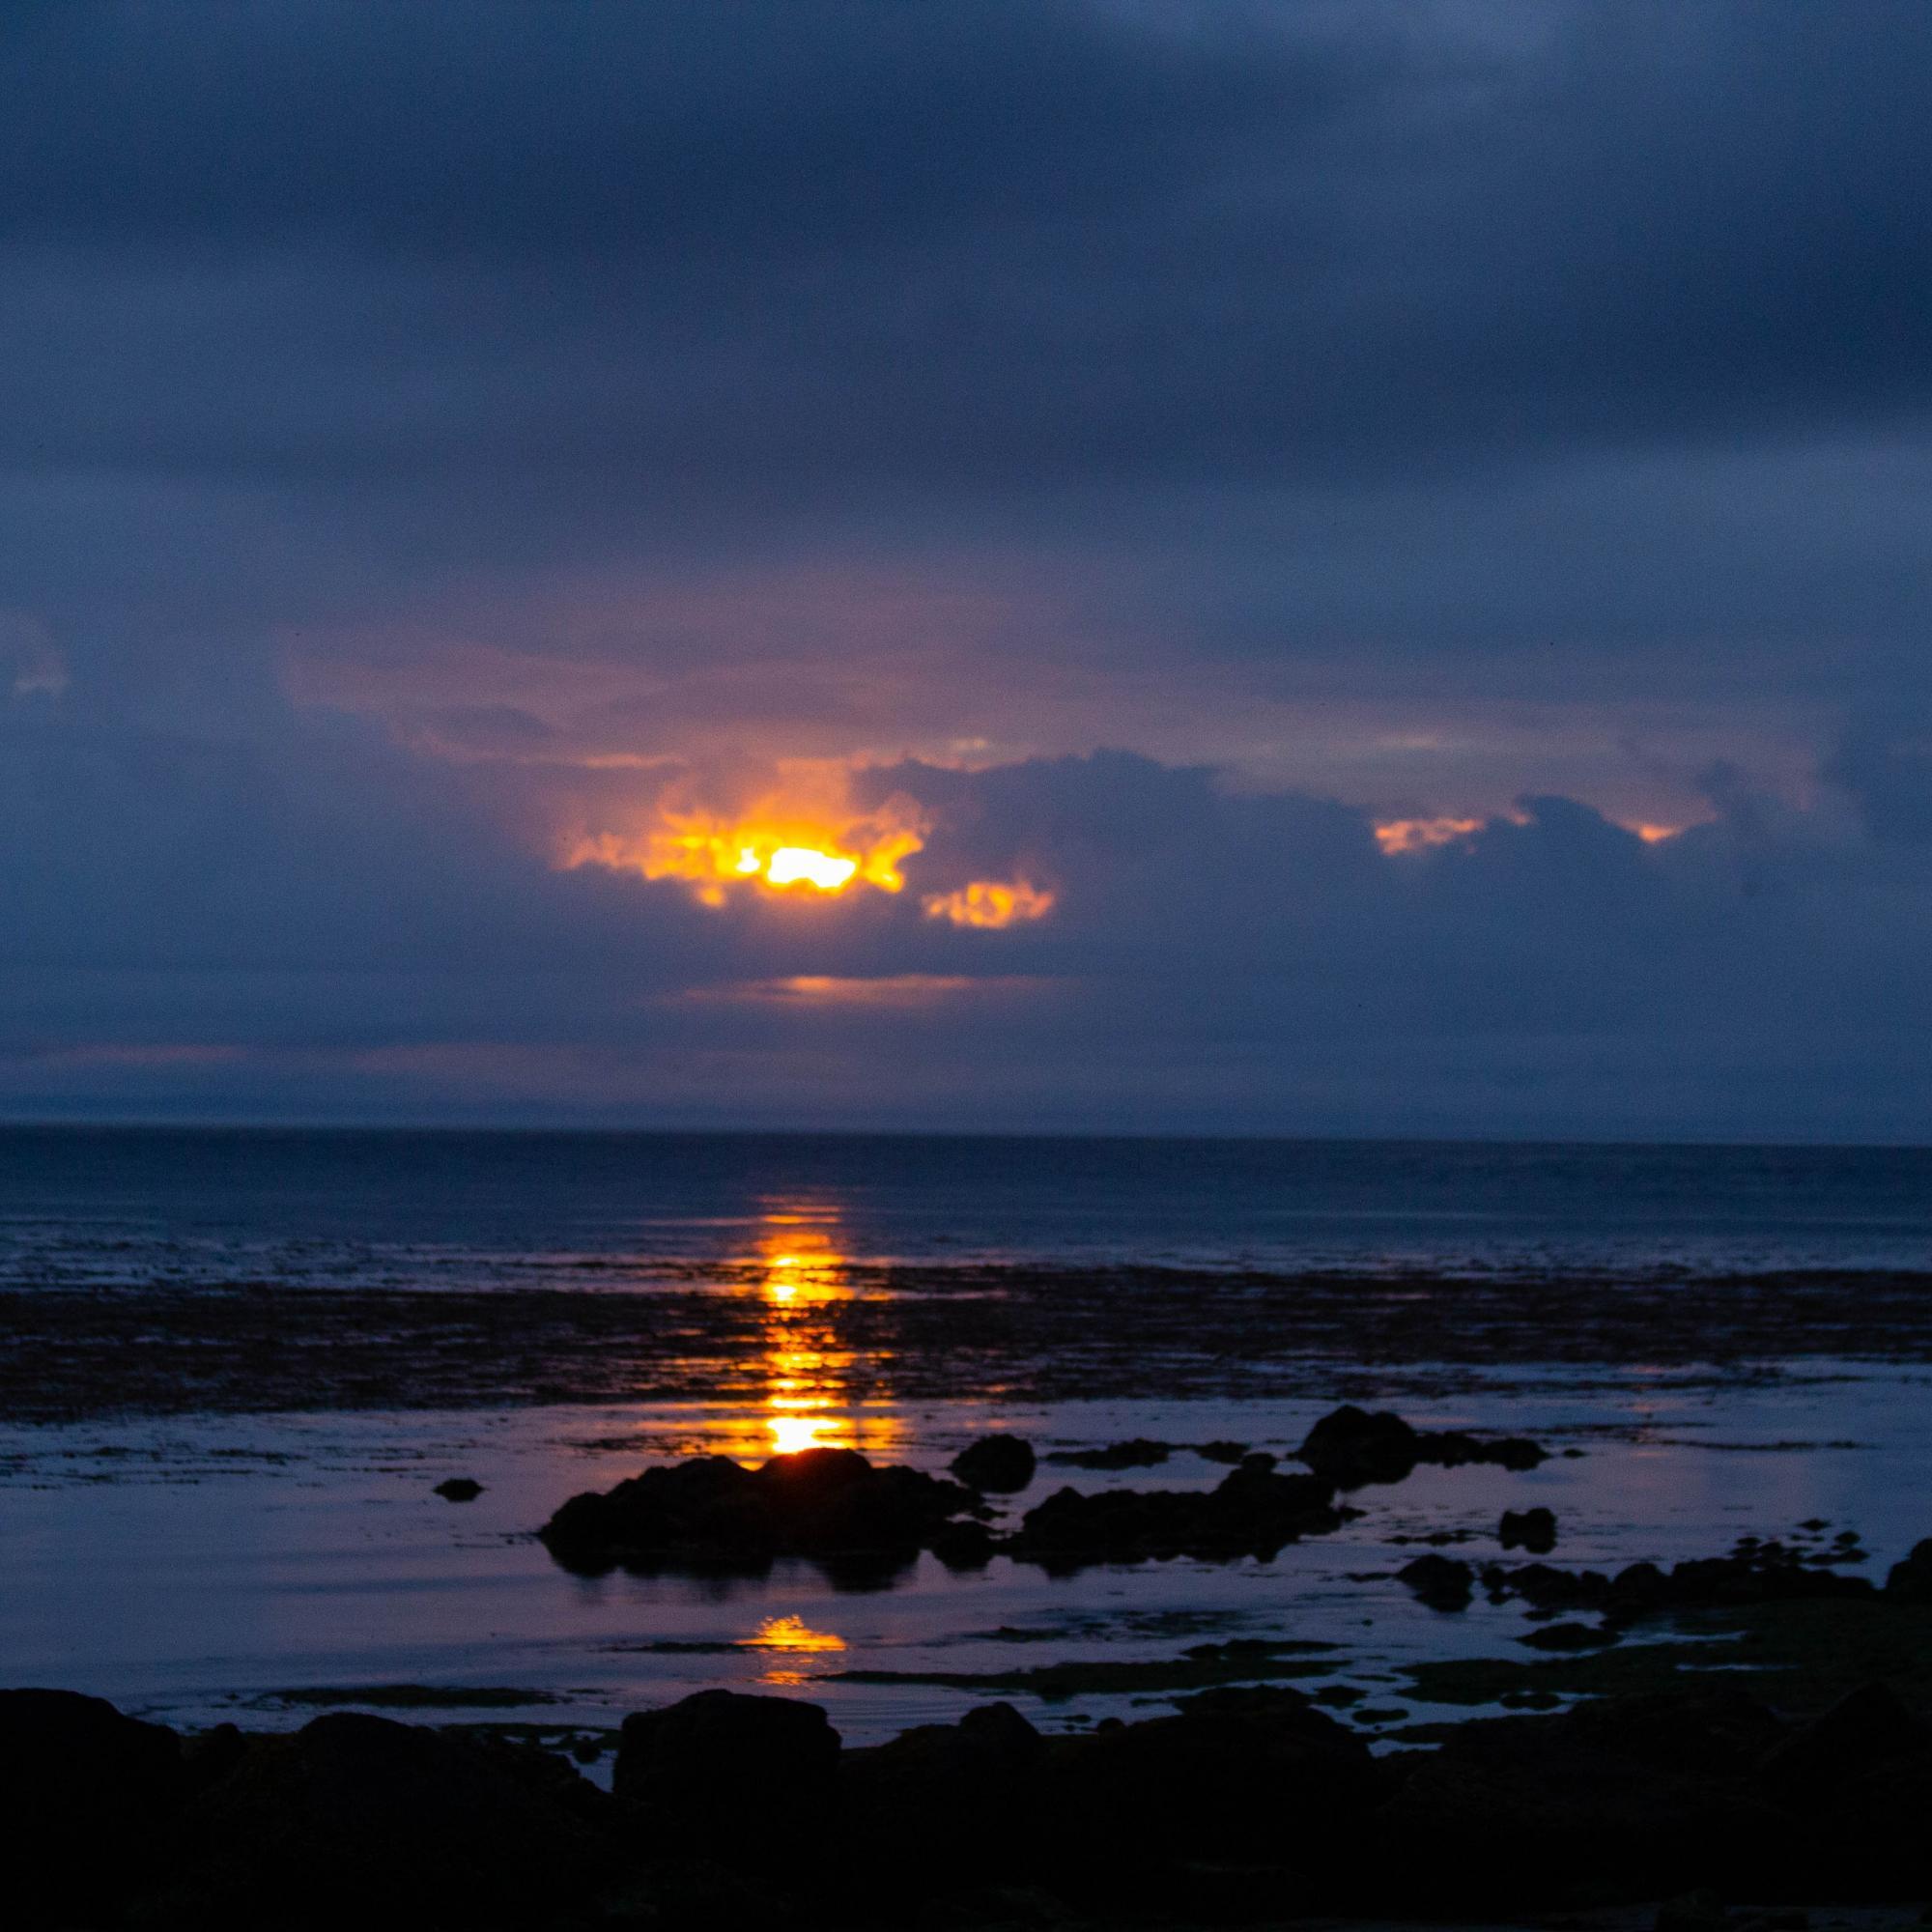 CHITO BEACH SUNRISE